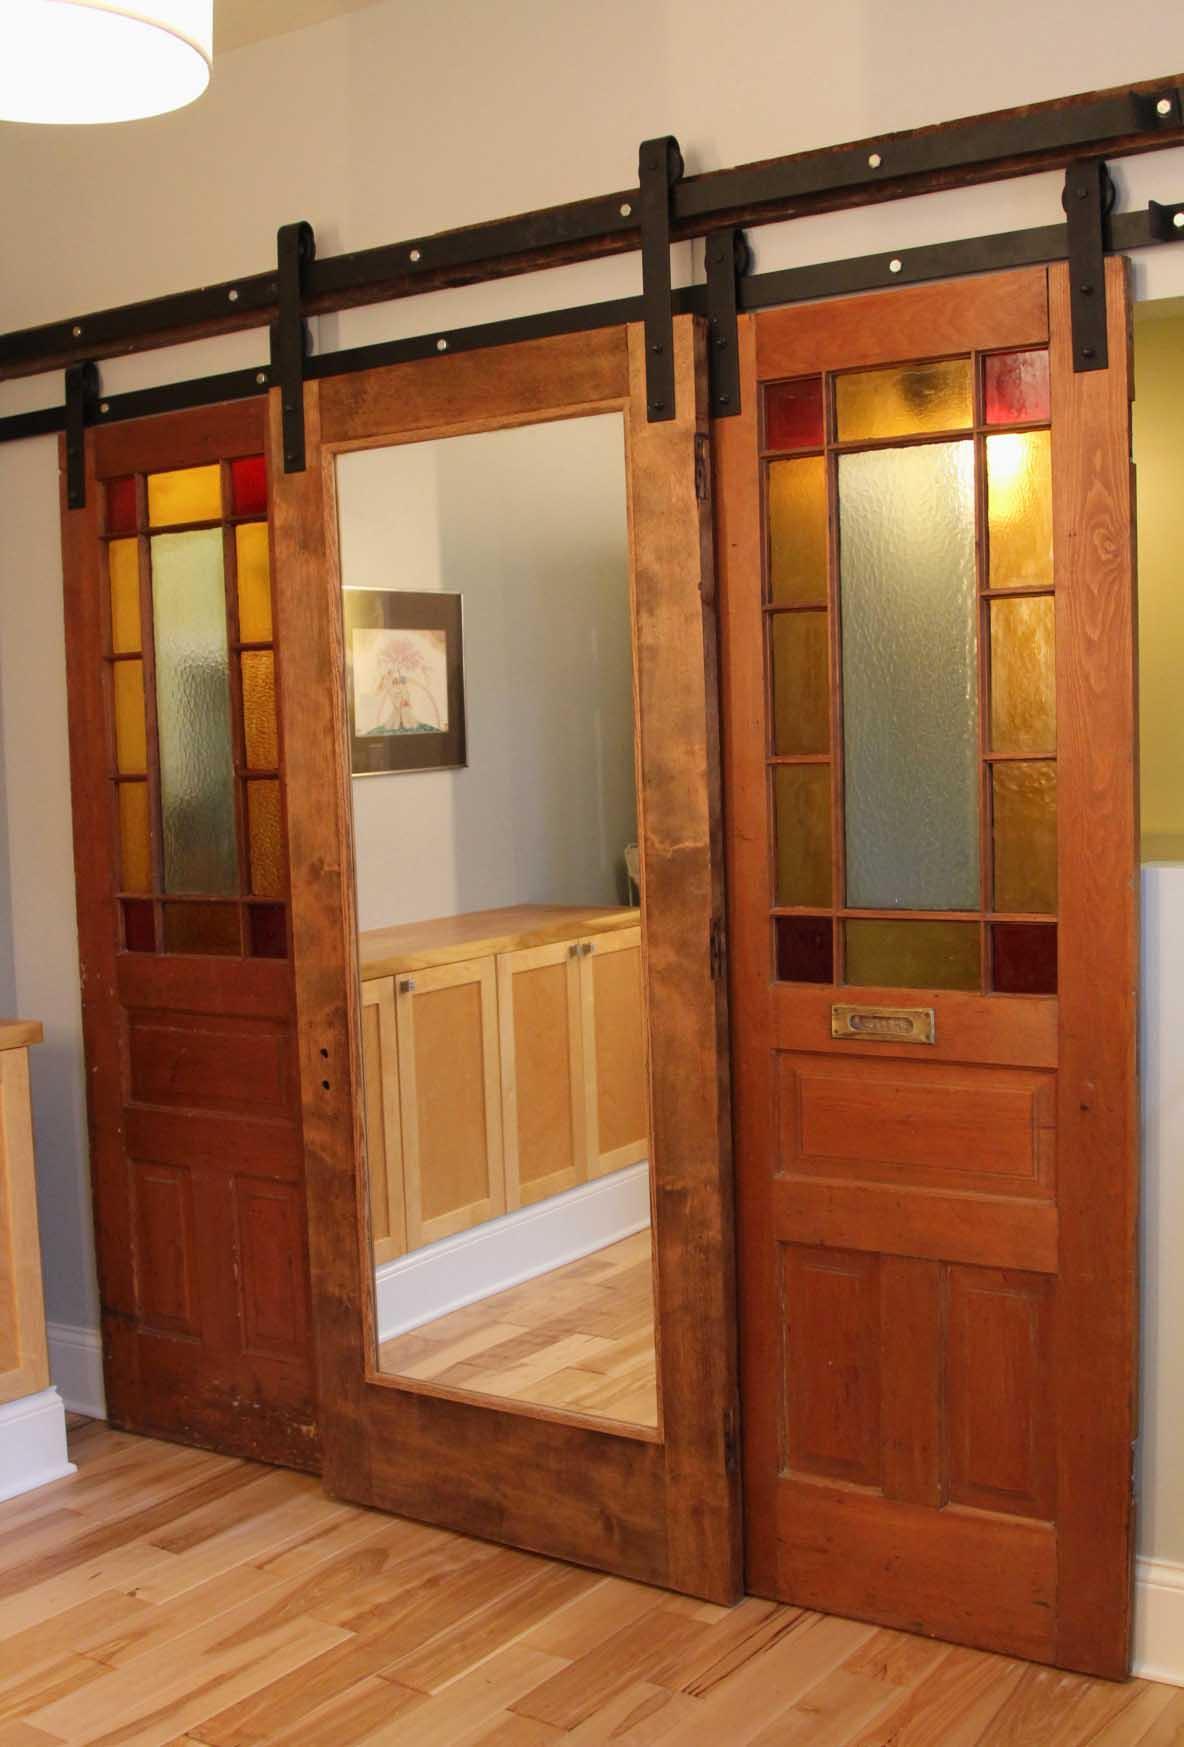 Mirrored Wooden Closet Door